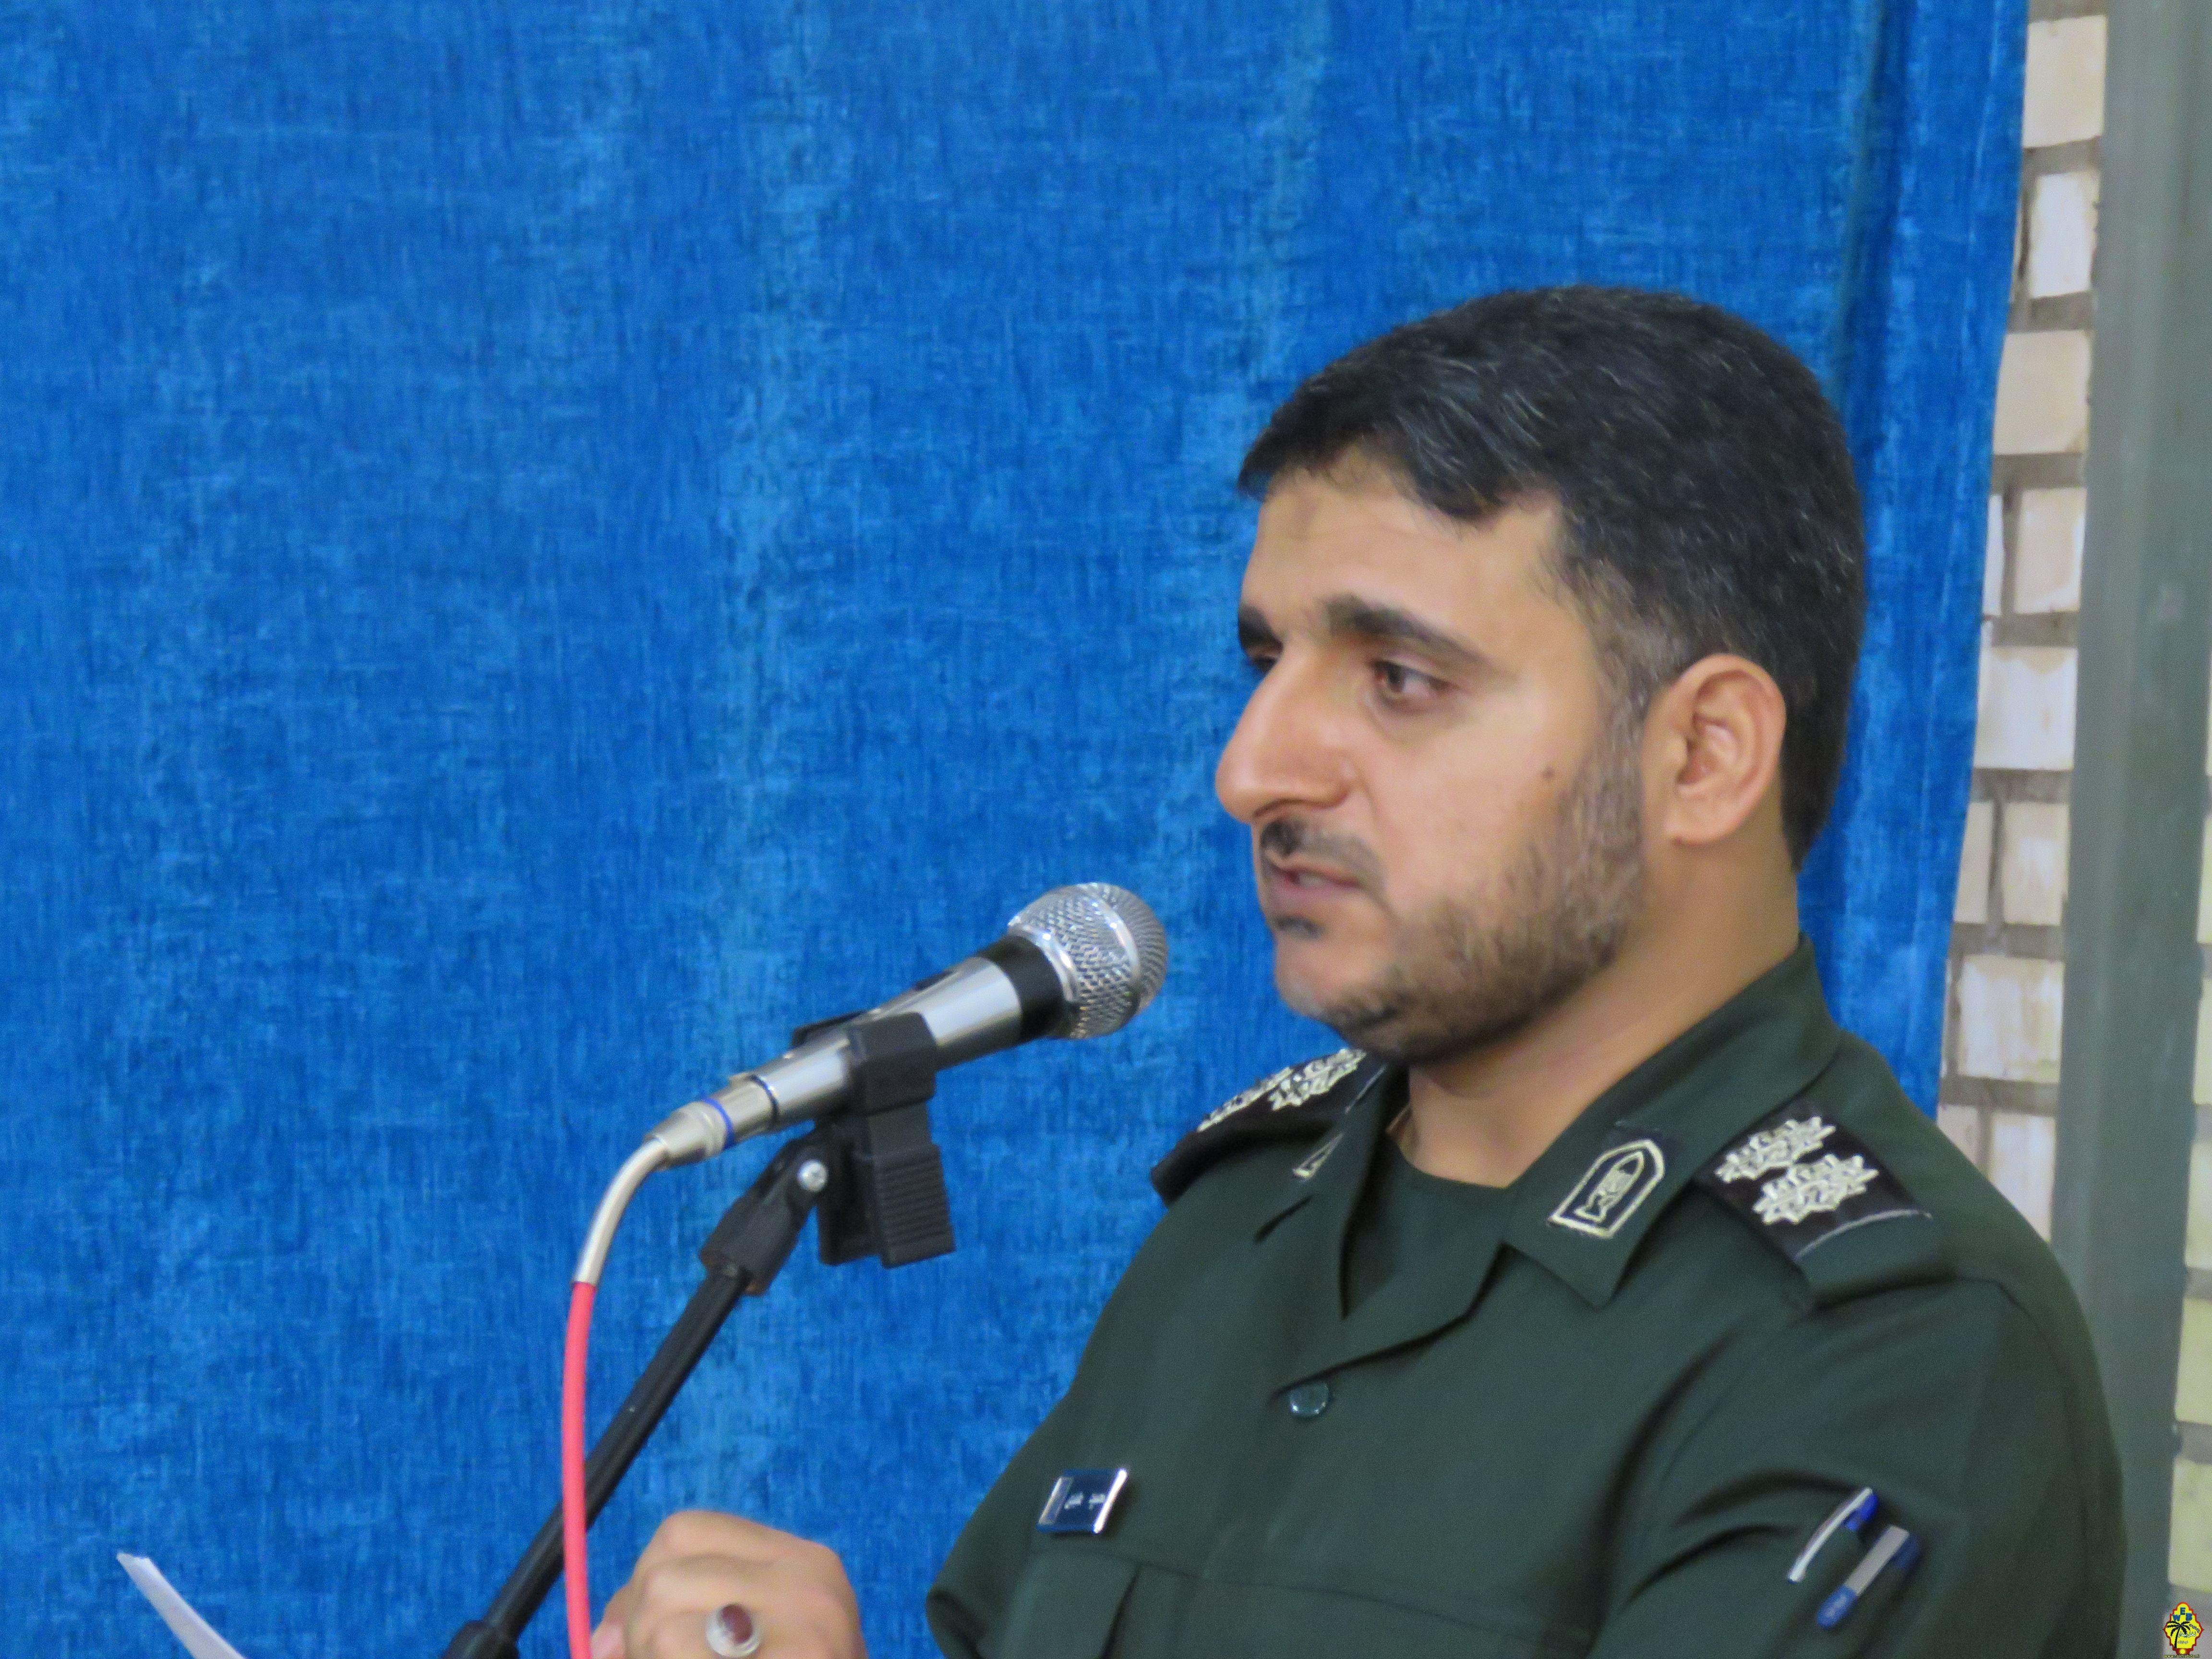 کسب عنوان موفق ترین رده سپاه استانی توسط ناحیه مقاومت بسیج سپاه فراشبند در هفتمین جشنواره مالک اشتر